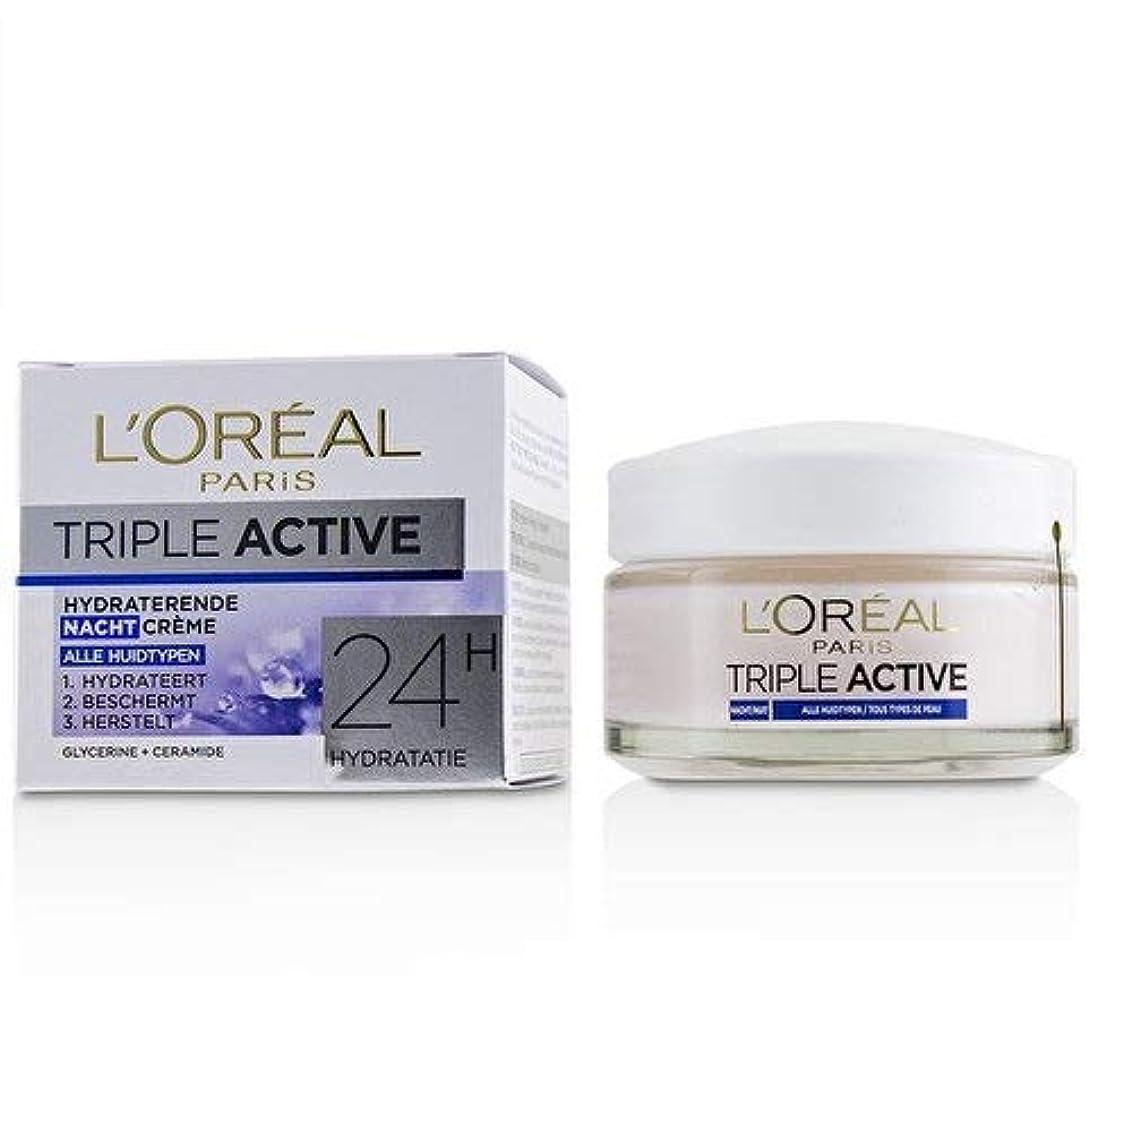 文法評判脱走ロレアル Triple Active Hydrating Night Cream 24H Hydration - For All Skin Types 50ml/1.7oz並行輸入品